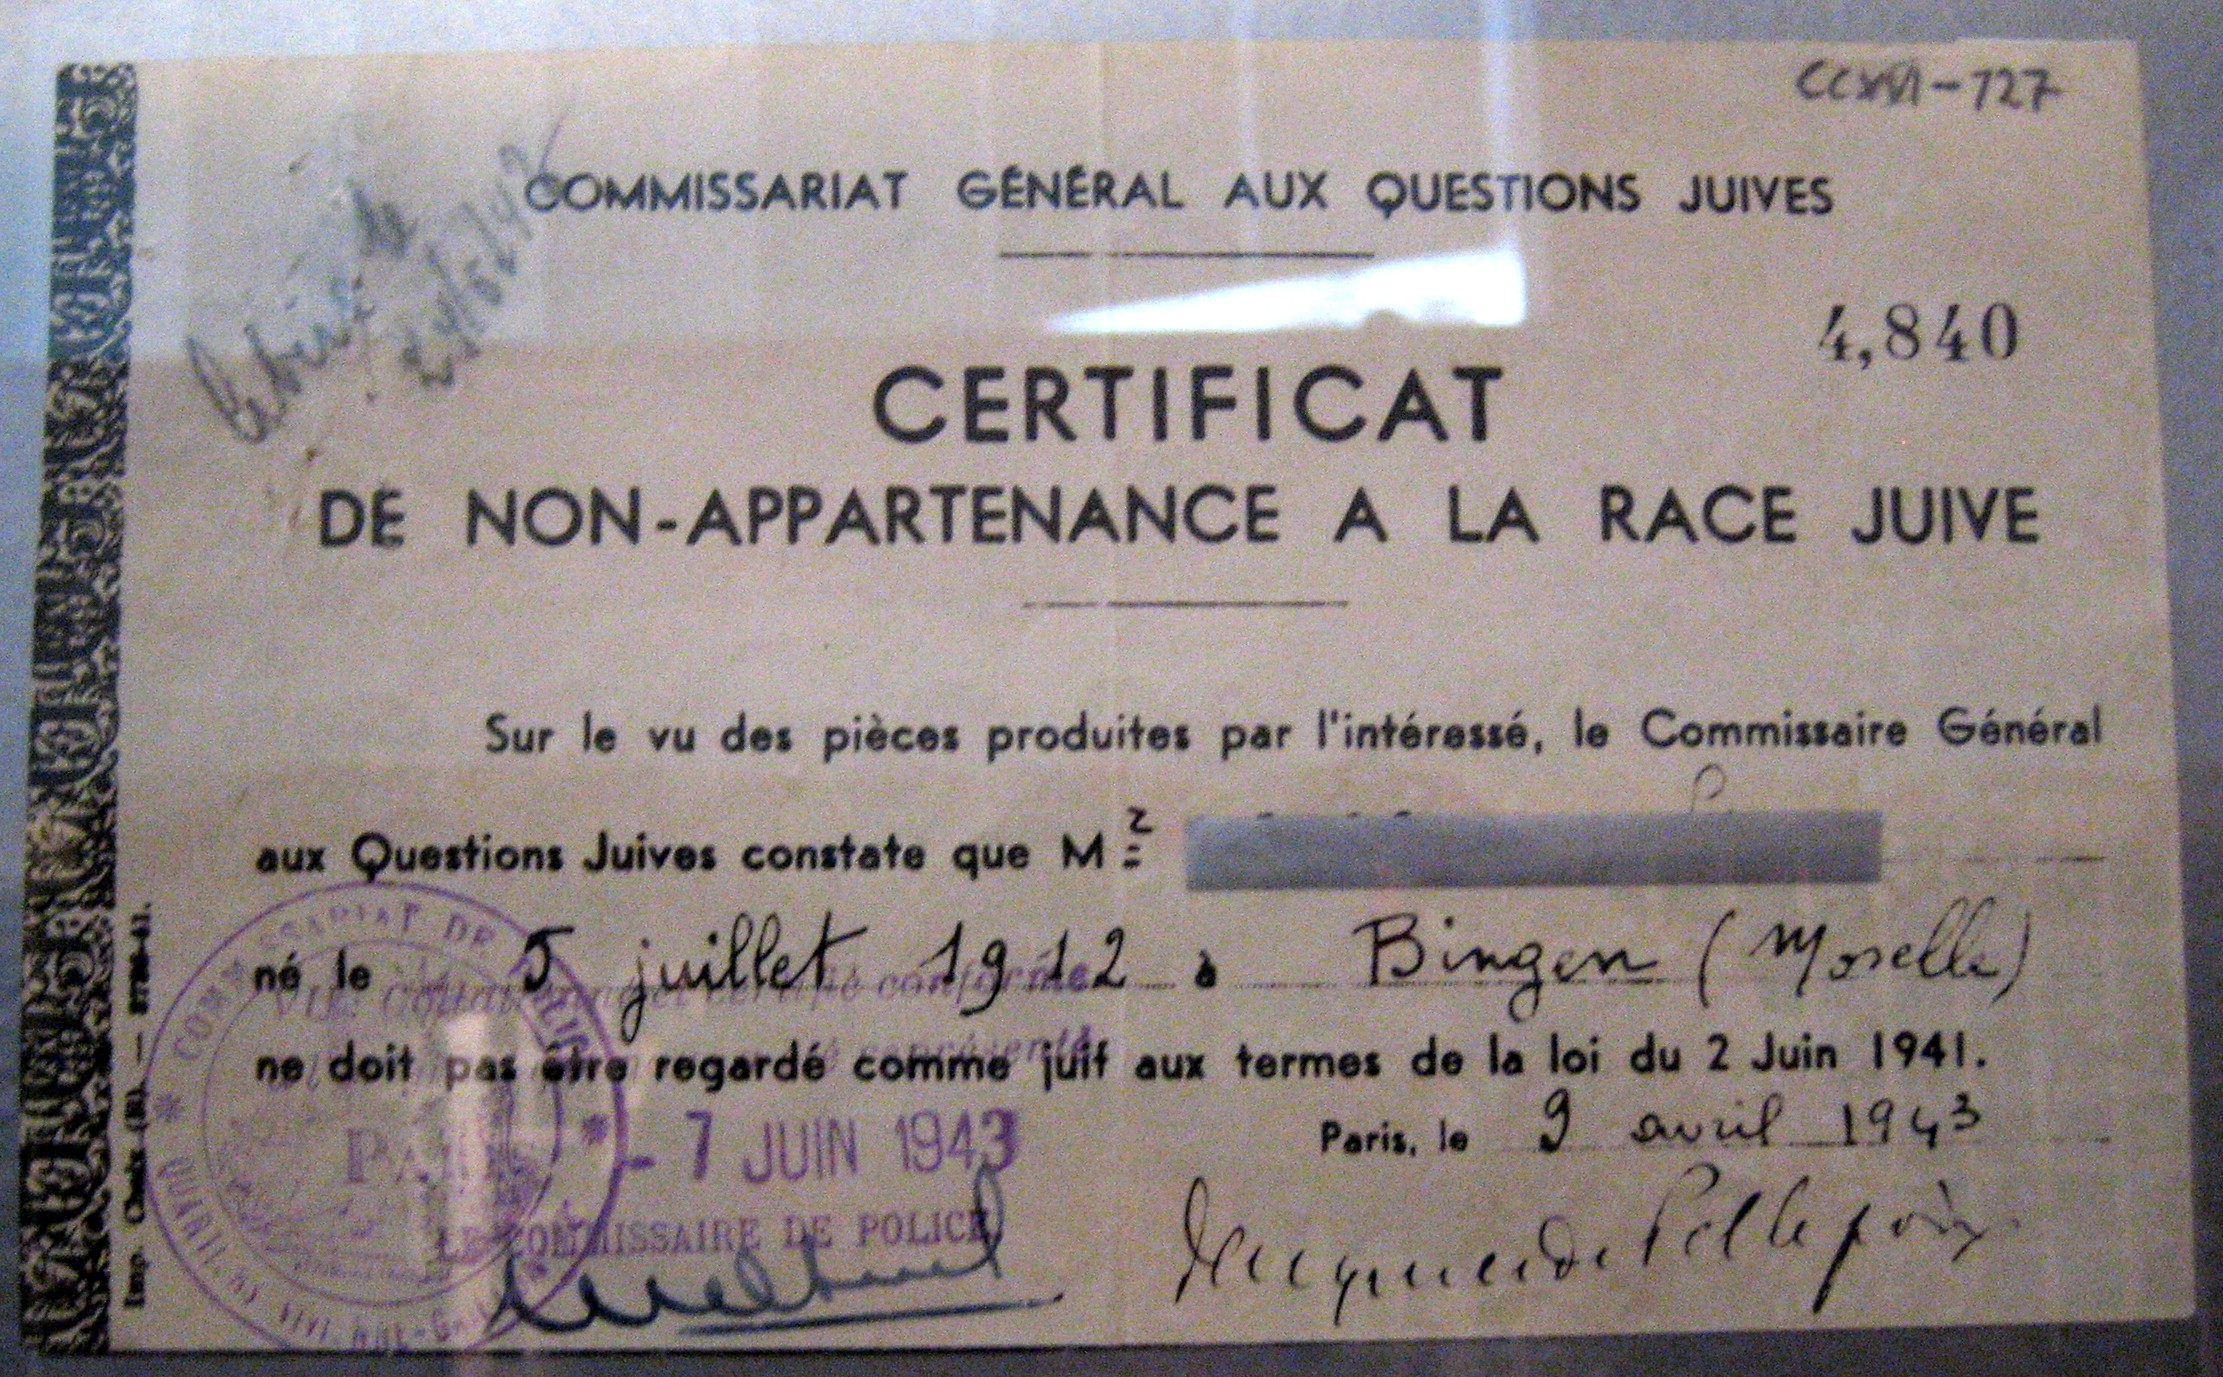 Certificat_de_non_appartenance_%C3%A0_la_race_juive